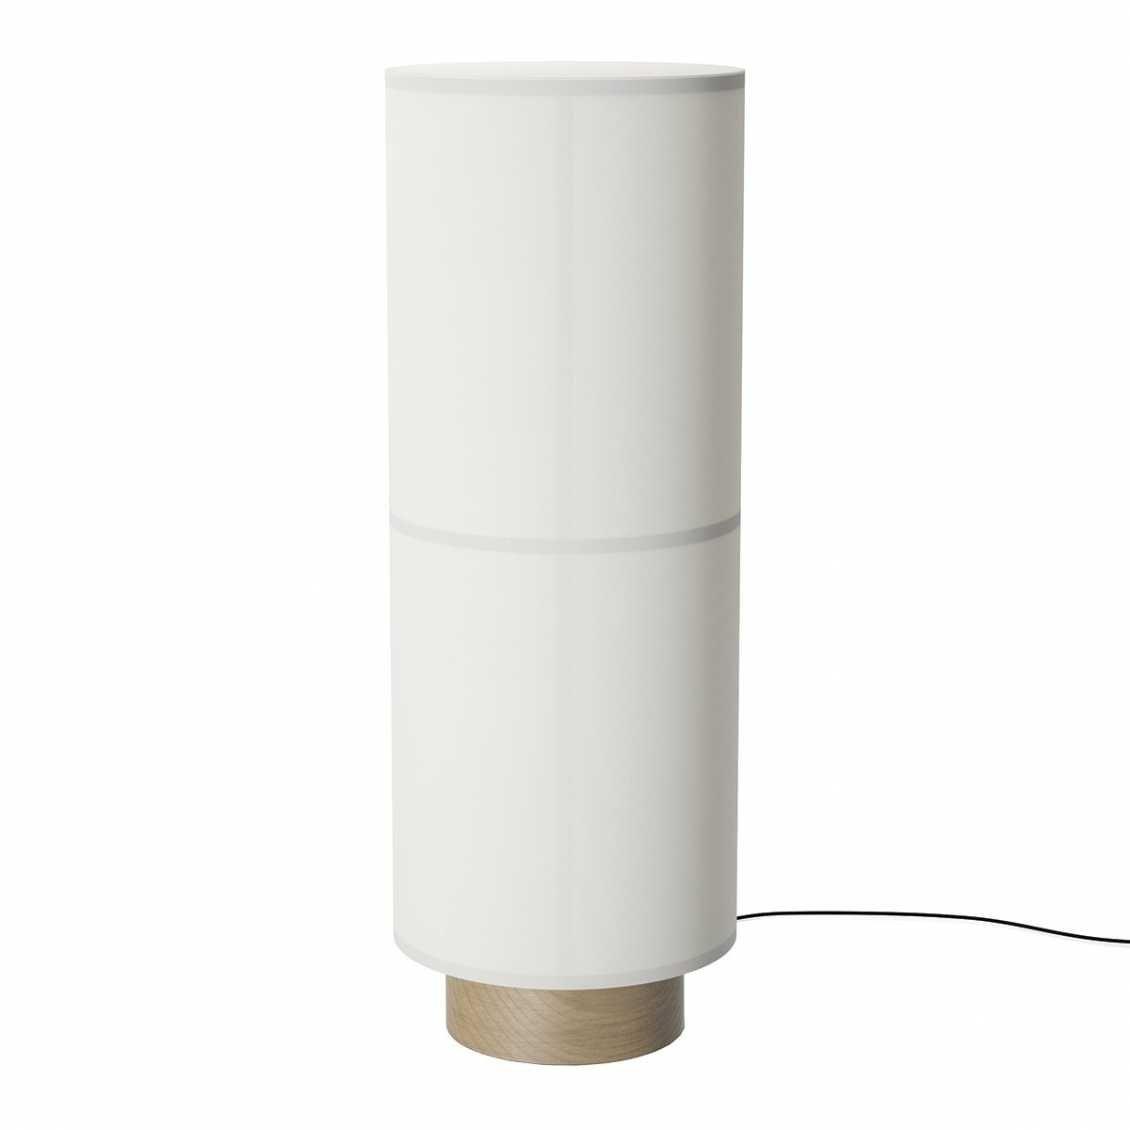 Verwonderend HASHIRA FLOOR LAMP - NORDIC NEW FO-86